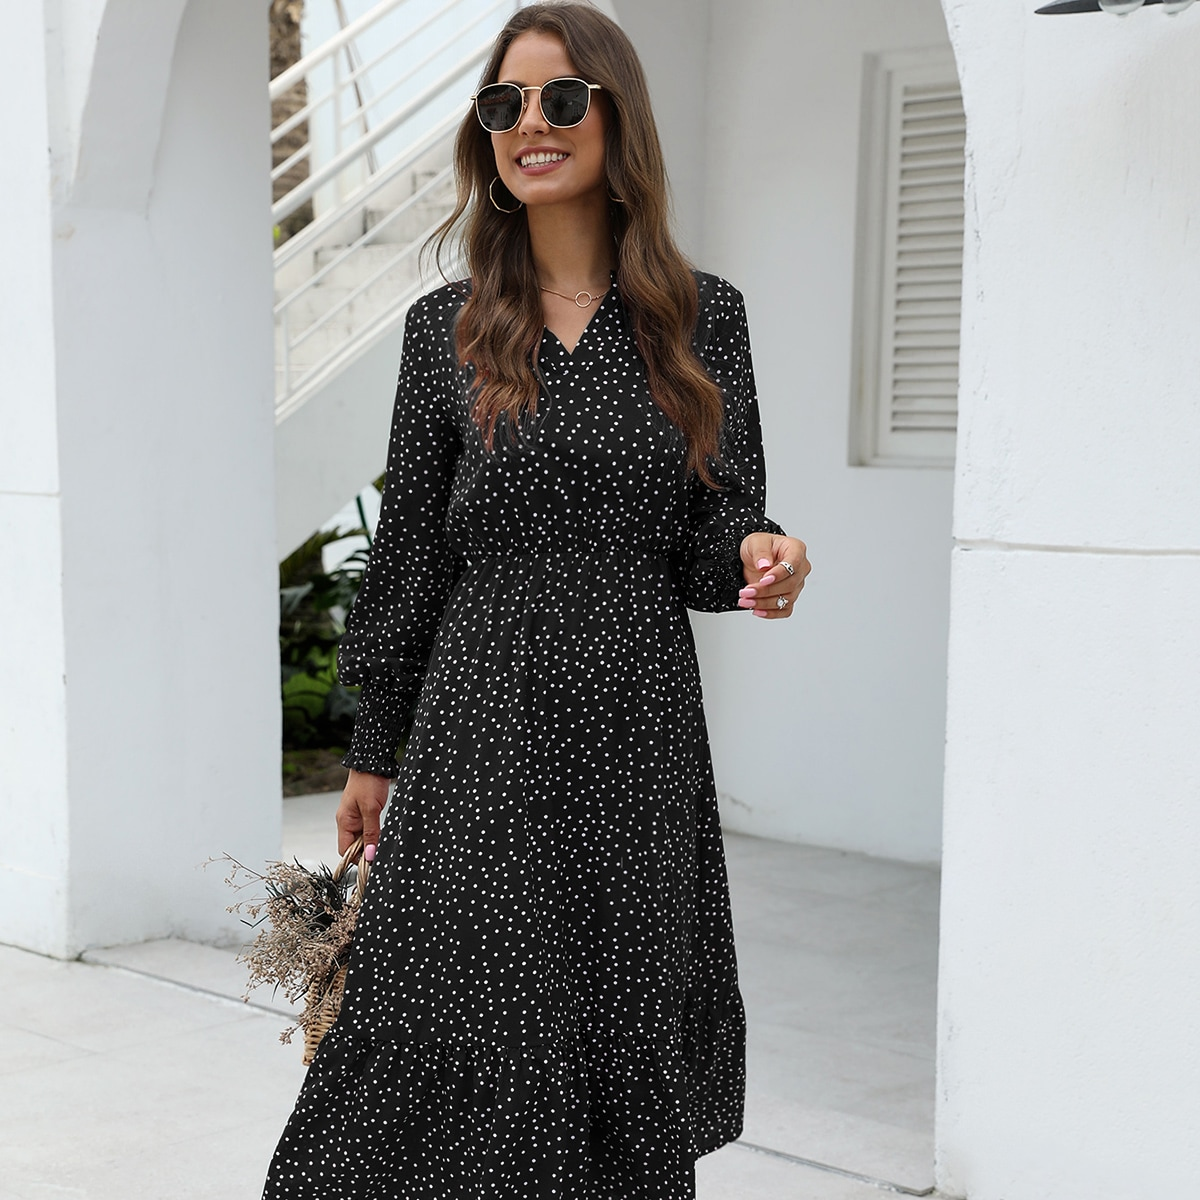 Стильное платье в горошек Image